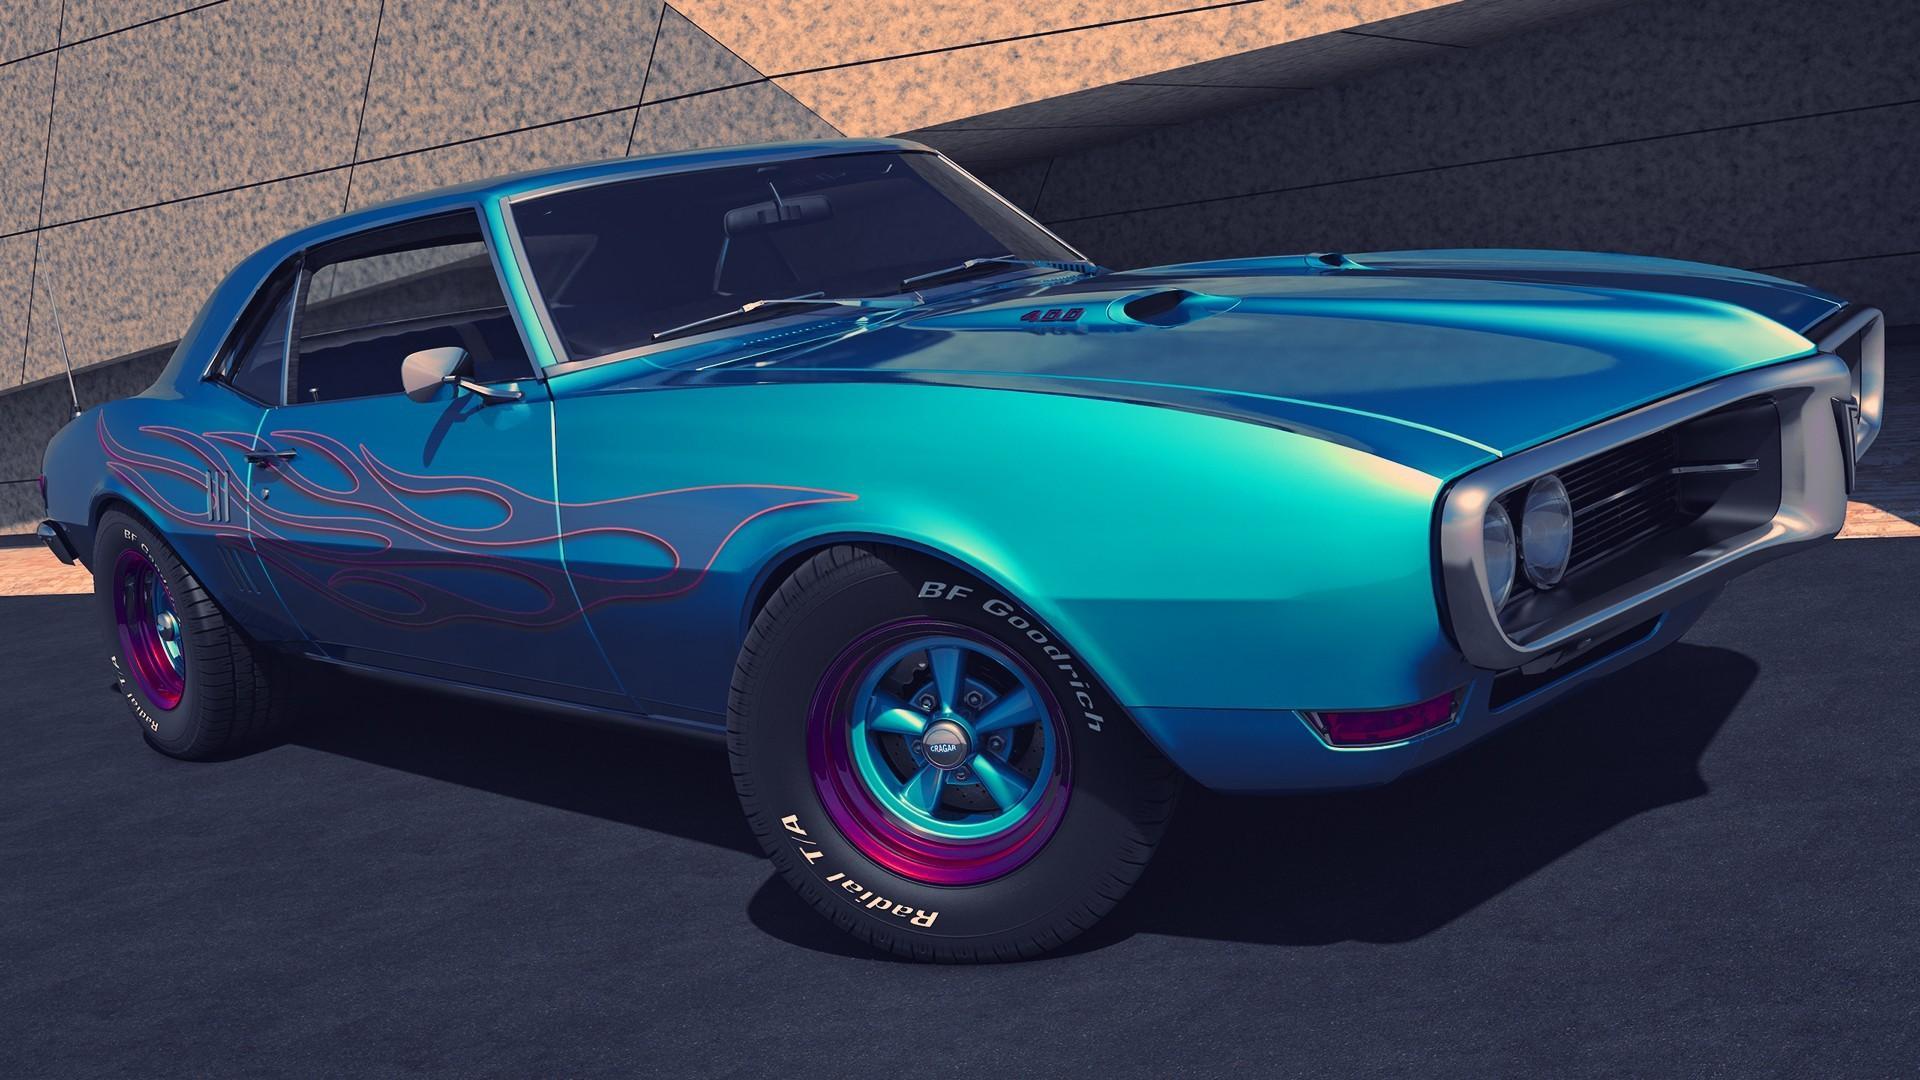 Cars pontiac firebird 1968 wallpaper 38478 1920x1080